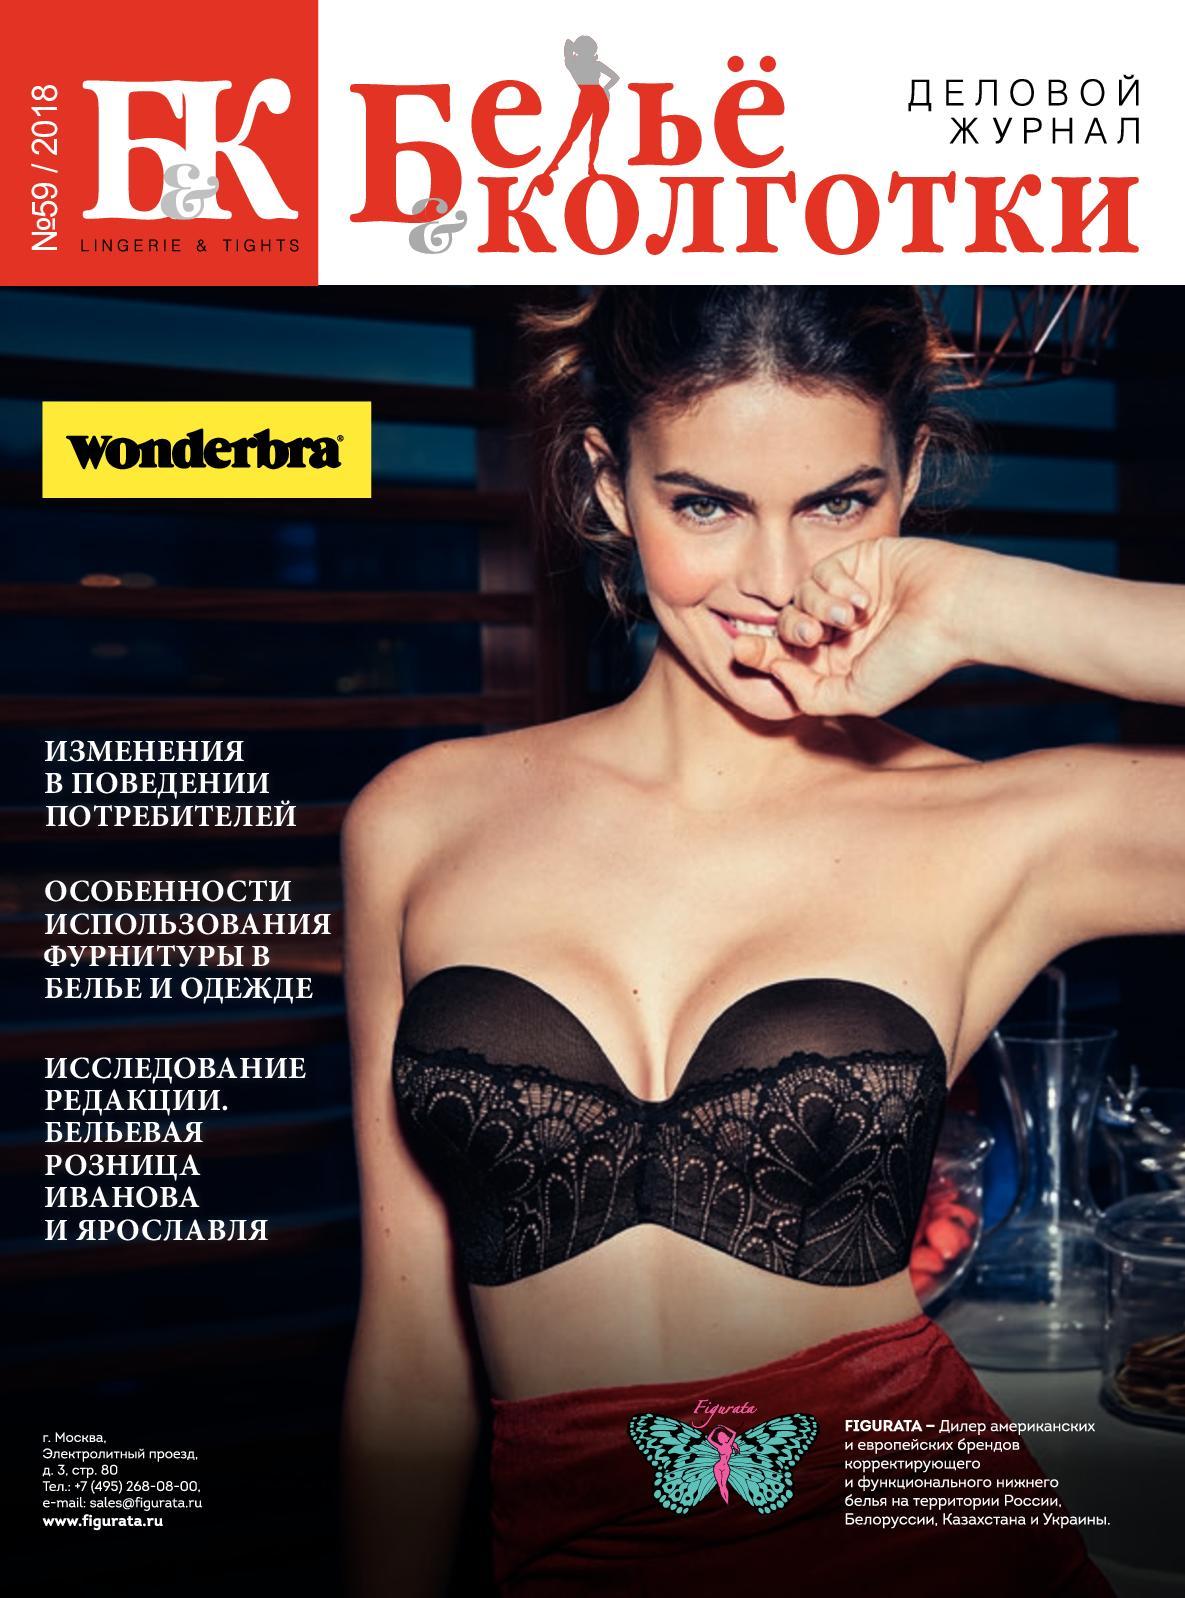 Российский деловой журнал «Белье и колготки» № 59